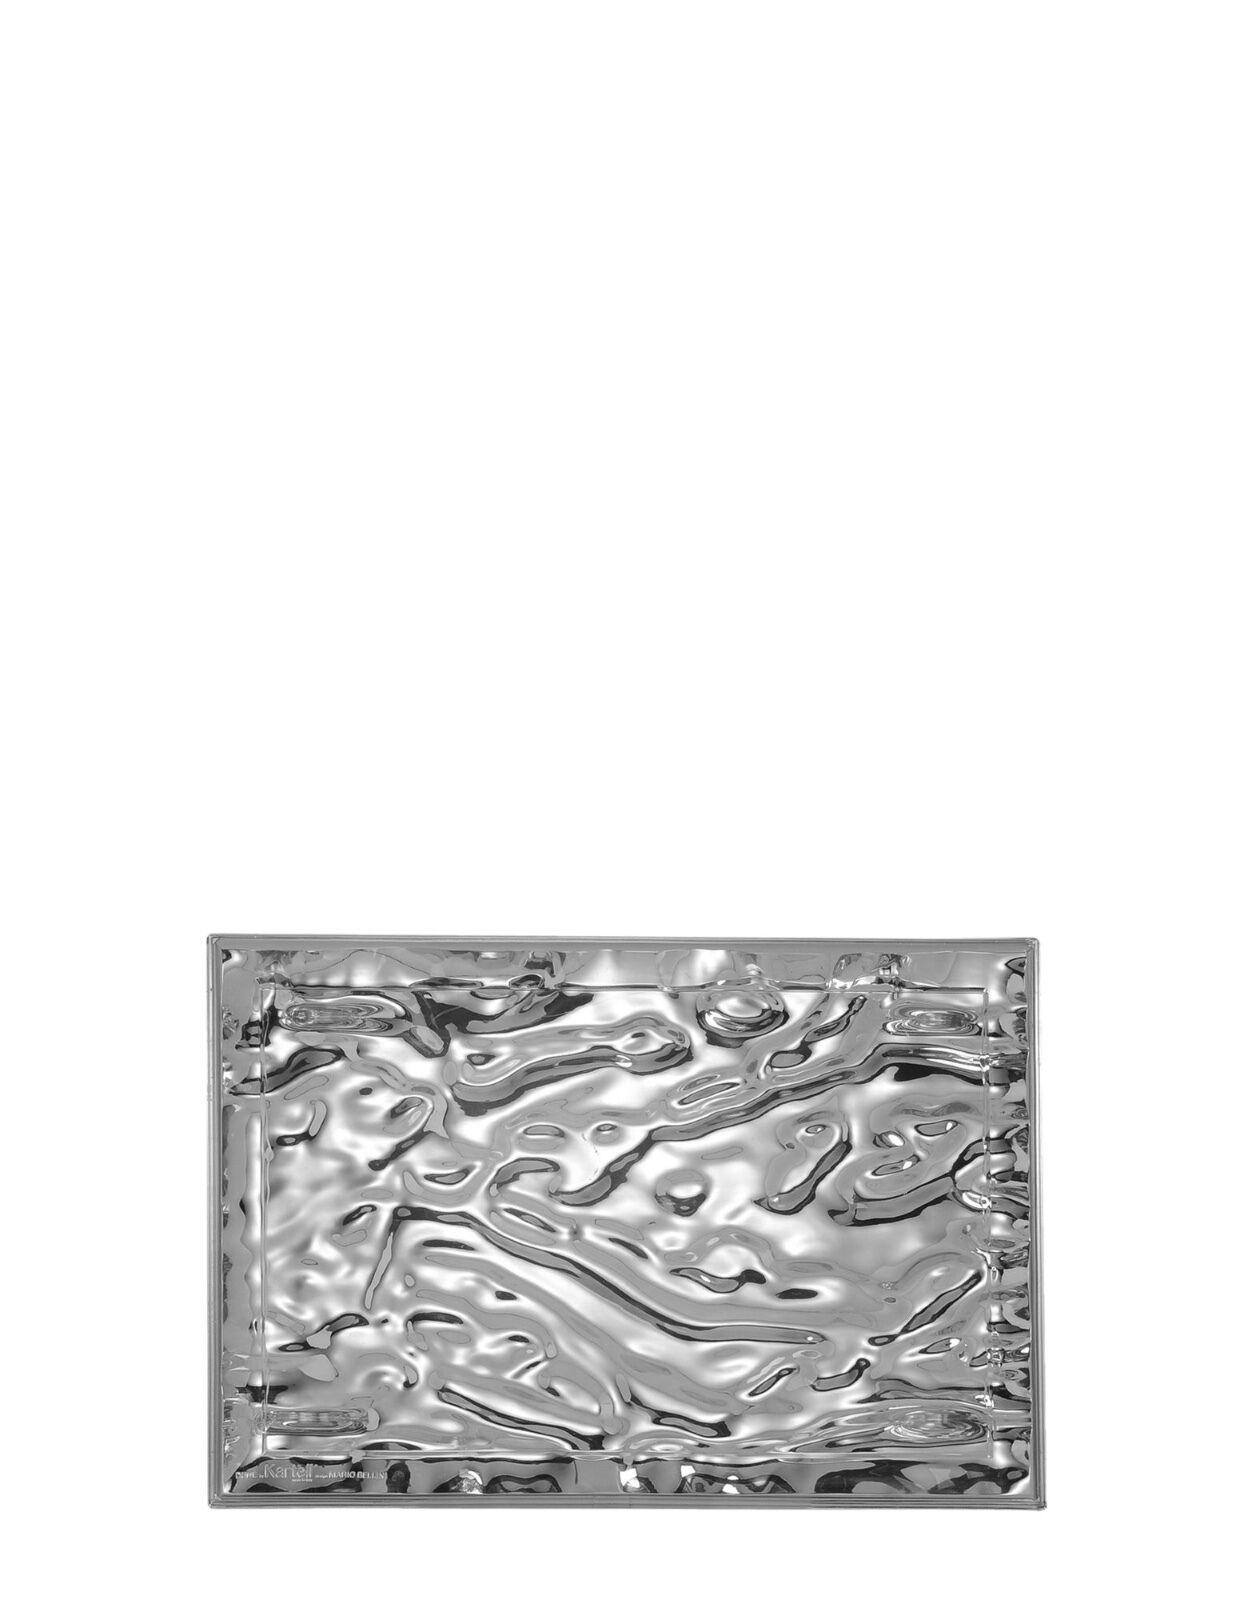 Kartell - Dune - Vassoio cm 46x32 Cromato - Rivenditore autorizzato